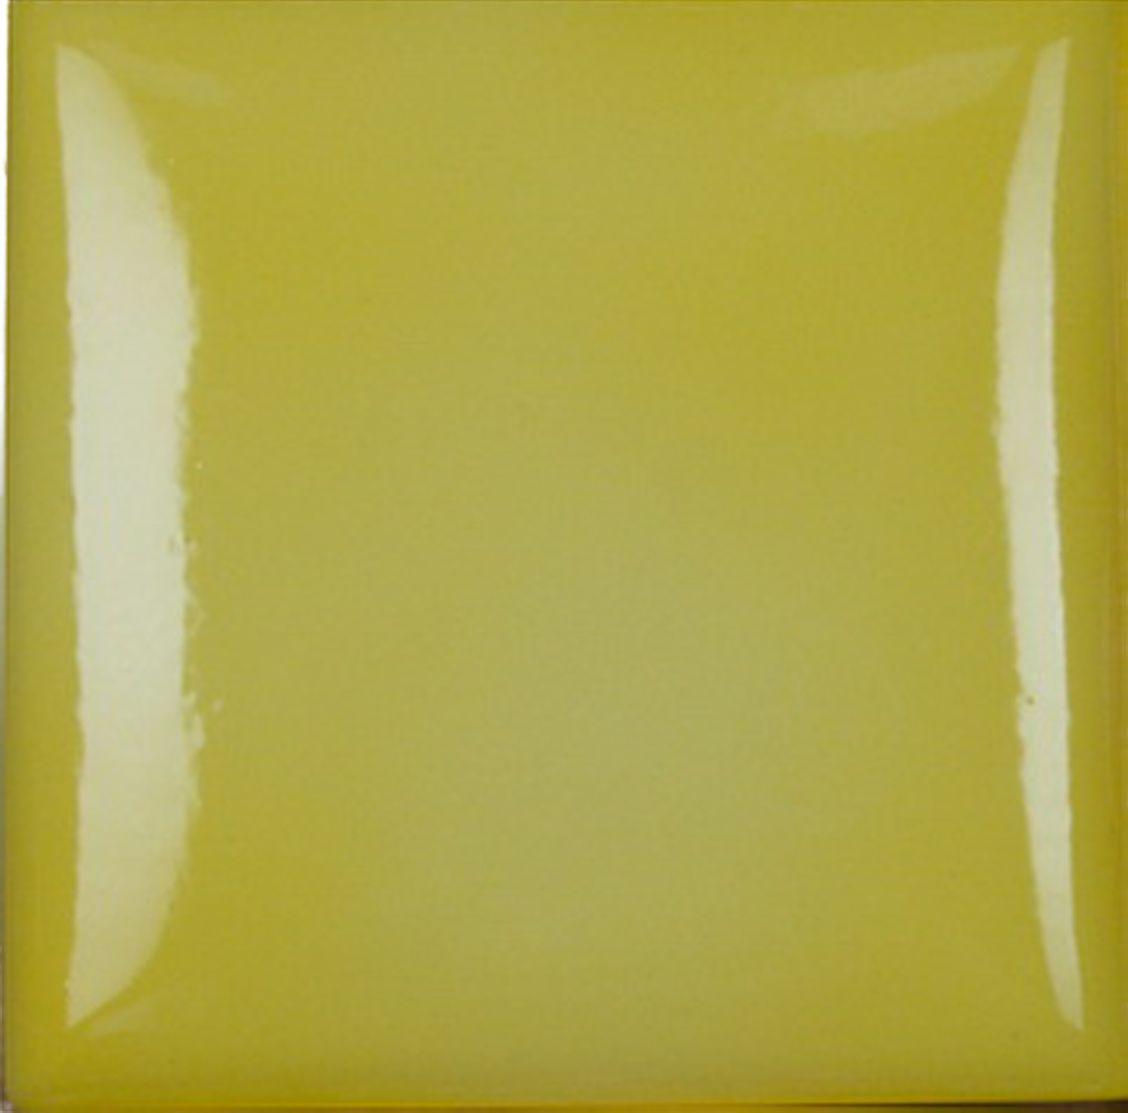 Керамическое панно ZORA Лав, 16,5 х 16,5 см. Авторская работа. ZS-PL-LAV1ZS-PL-LAV1Коллекция керамической плитки Love – это тонкая ирония над воплощением страстной любви в современном искусстве. Вызывающе-яркие, контрастные цвета: черный, белый, синий, желтый, красный – ненавязчиво намекают на экстравагантный характер владельца интерьера. Love – коллекция, которую выбирают дизайнеры для создания как публичного, так и частного интерьера. Товар может быть использован как панно, подставка под горячее, плитка для украшения уличных мангалов и беседки.Керамика, ручное напыление, высокотемпературный обжиг, глазури.